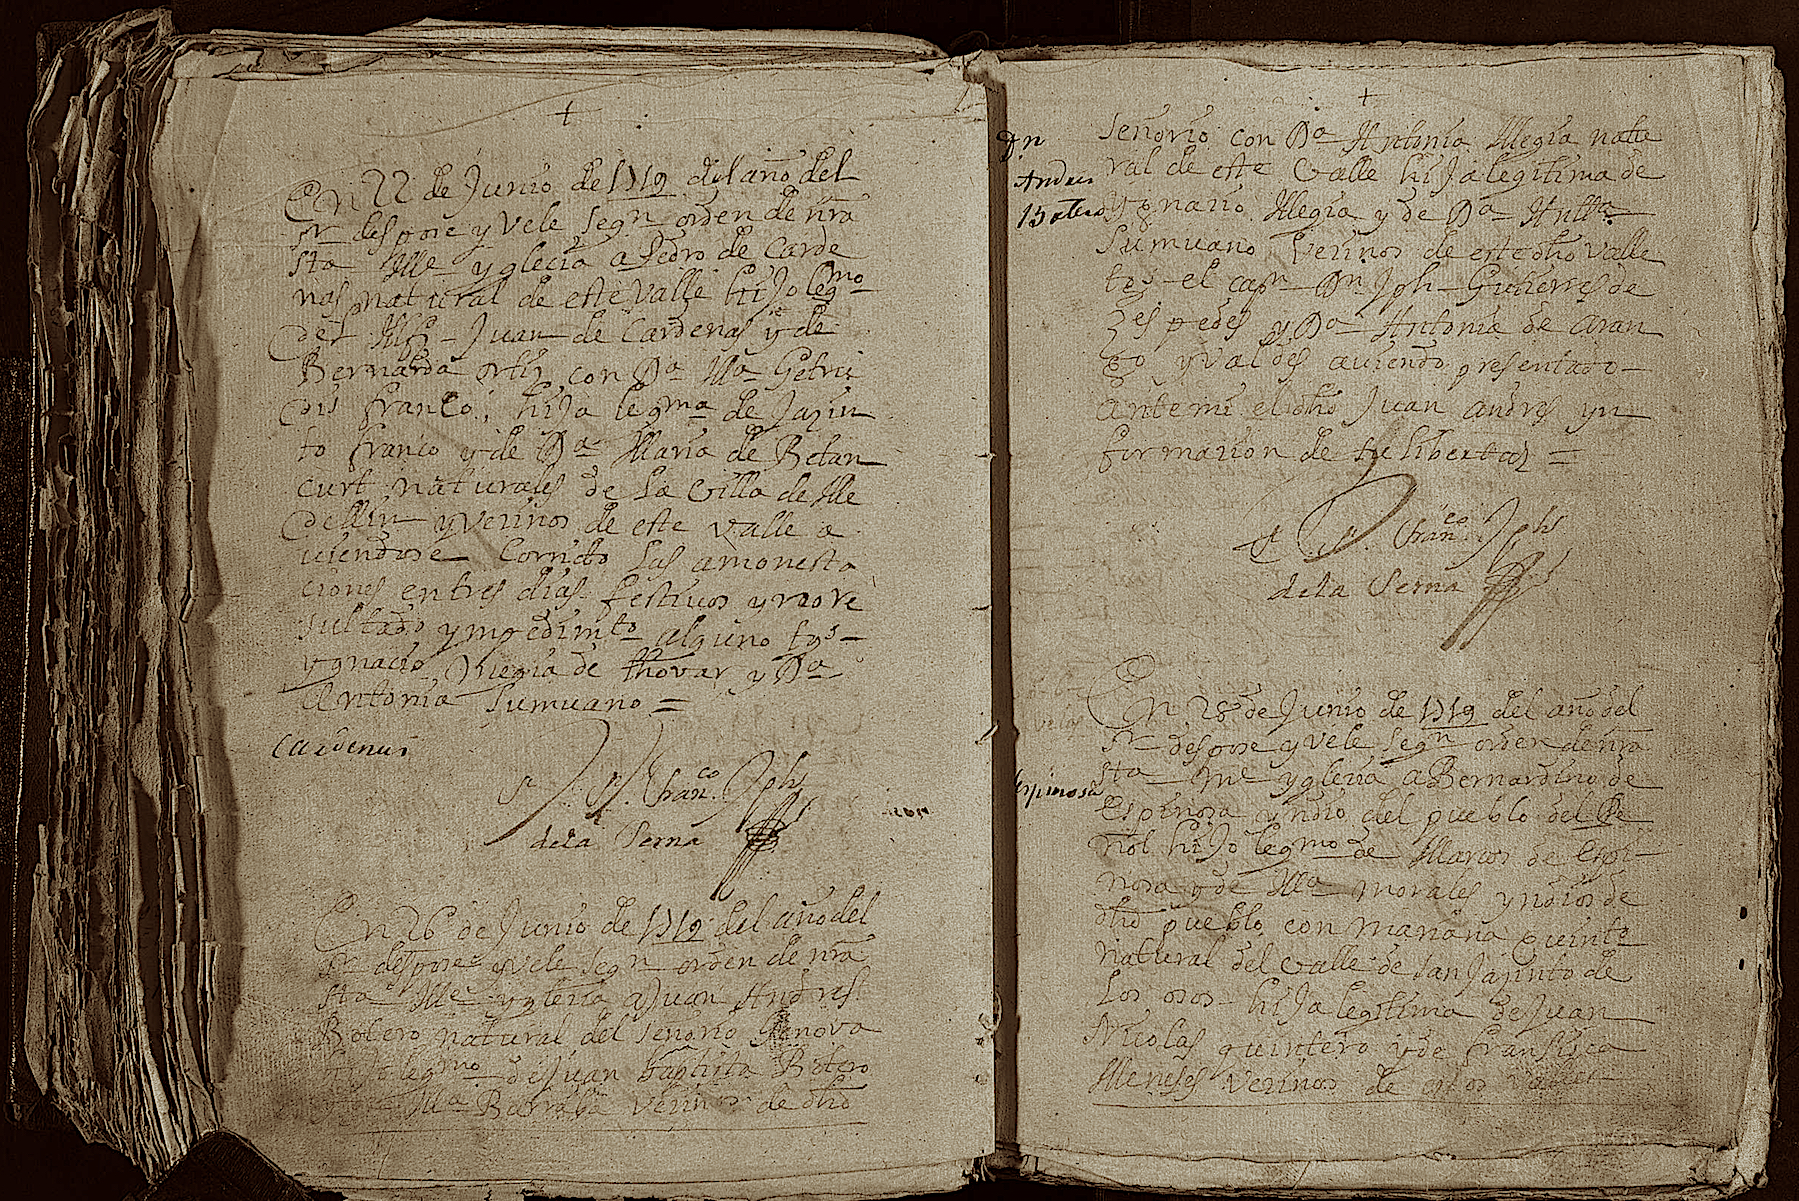 Partida de Matrimonio de Don Juan Andrés Botero y Doña Antonia Mejía.               Siglo XVIII